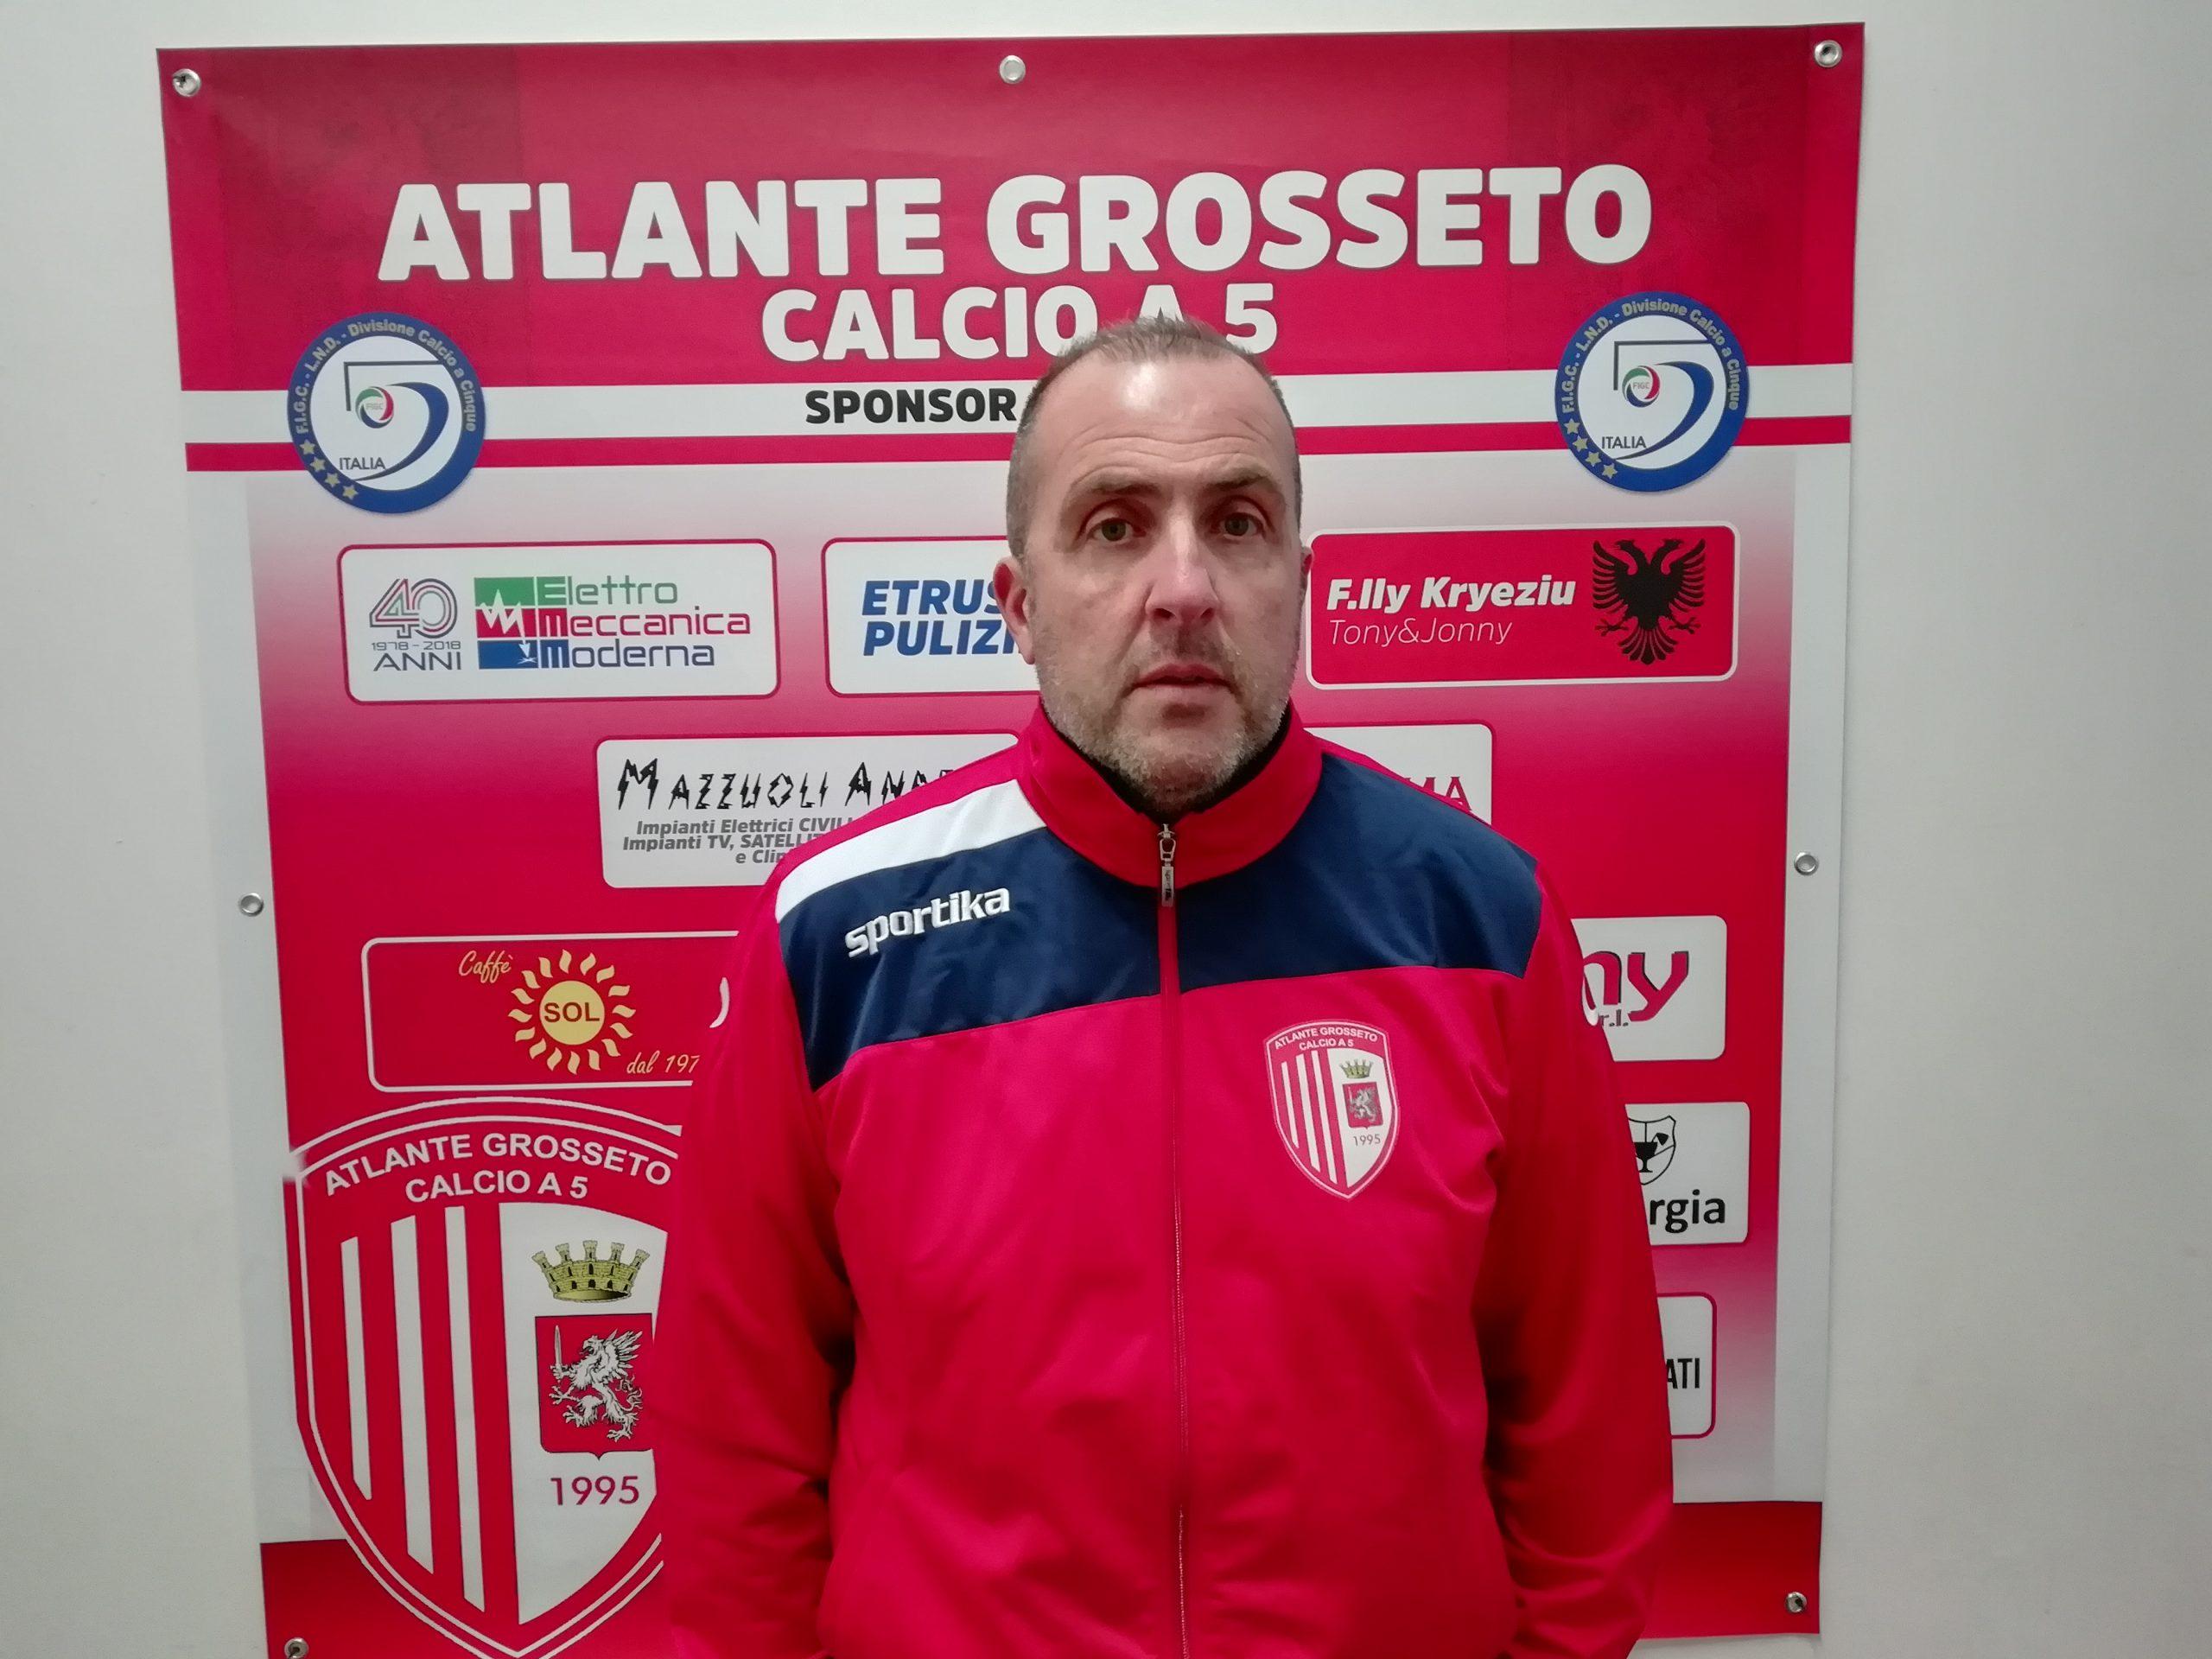 Casalini Atlante Grosseto